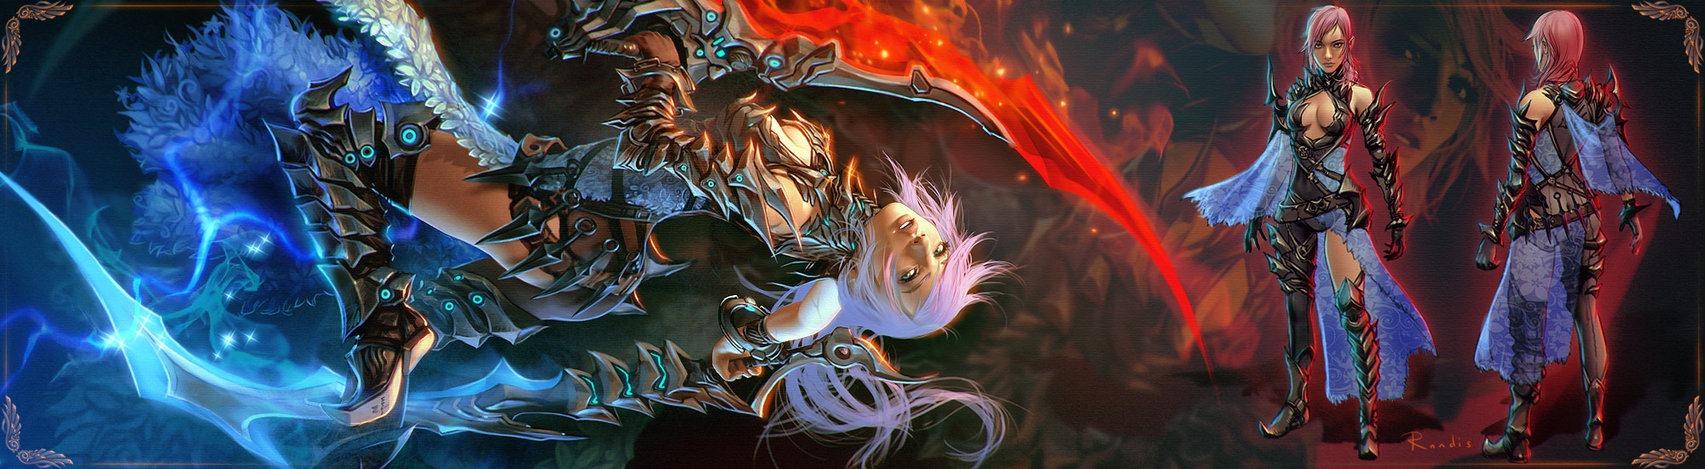 [News] Lightning Returns: Final fantasy XIII - Page 5 LR-deviantArt-03